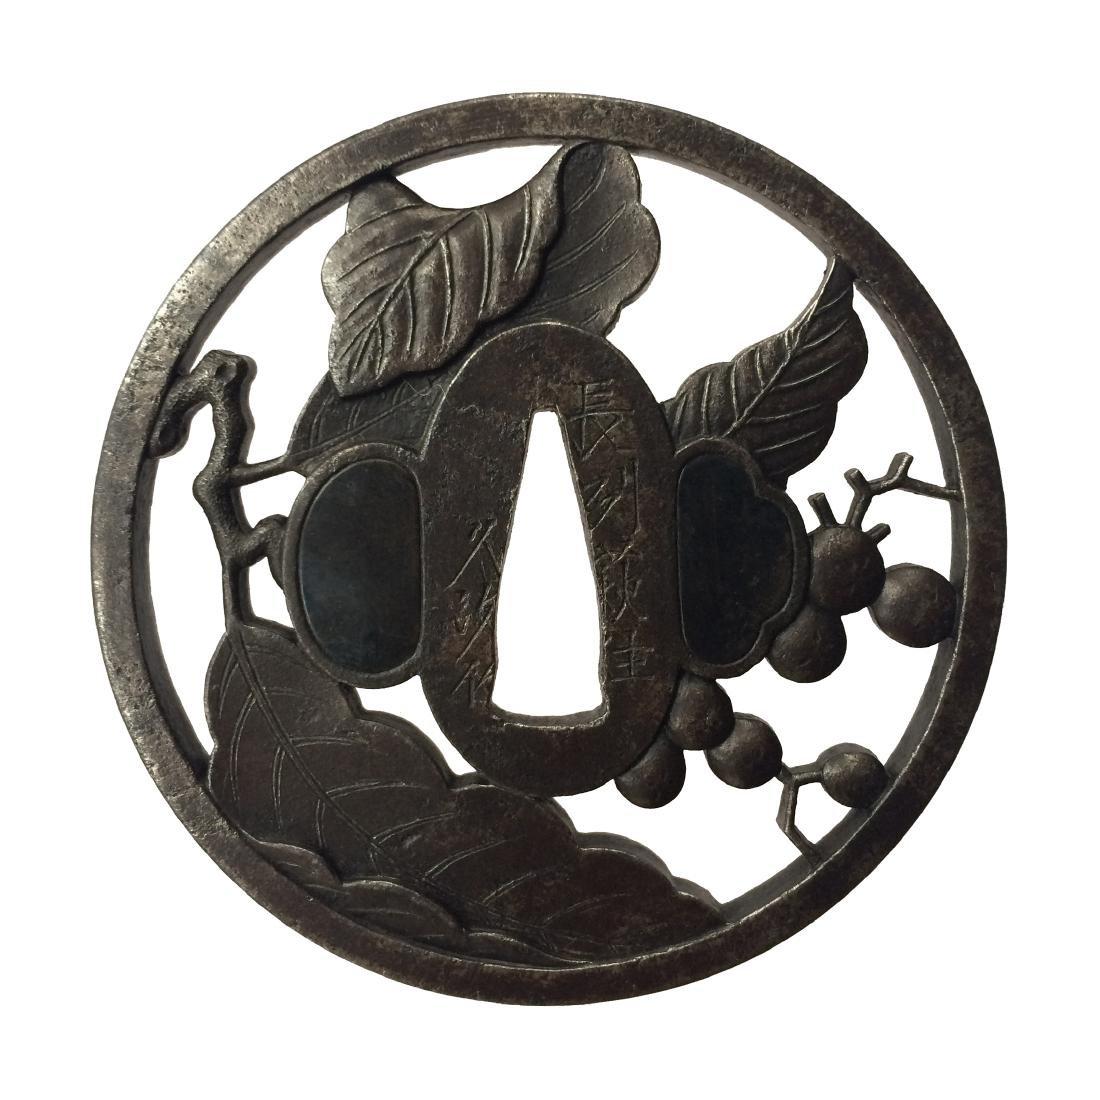 Iron sukashi tsuba by Higatsugu Kawaji, Choshu school;